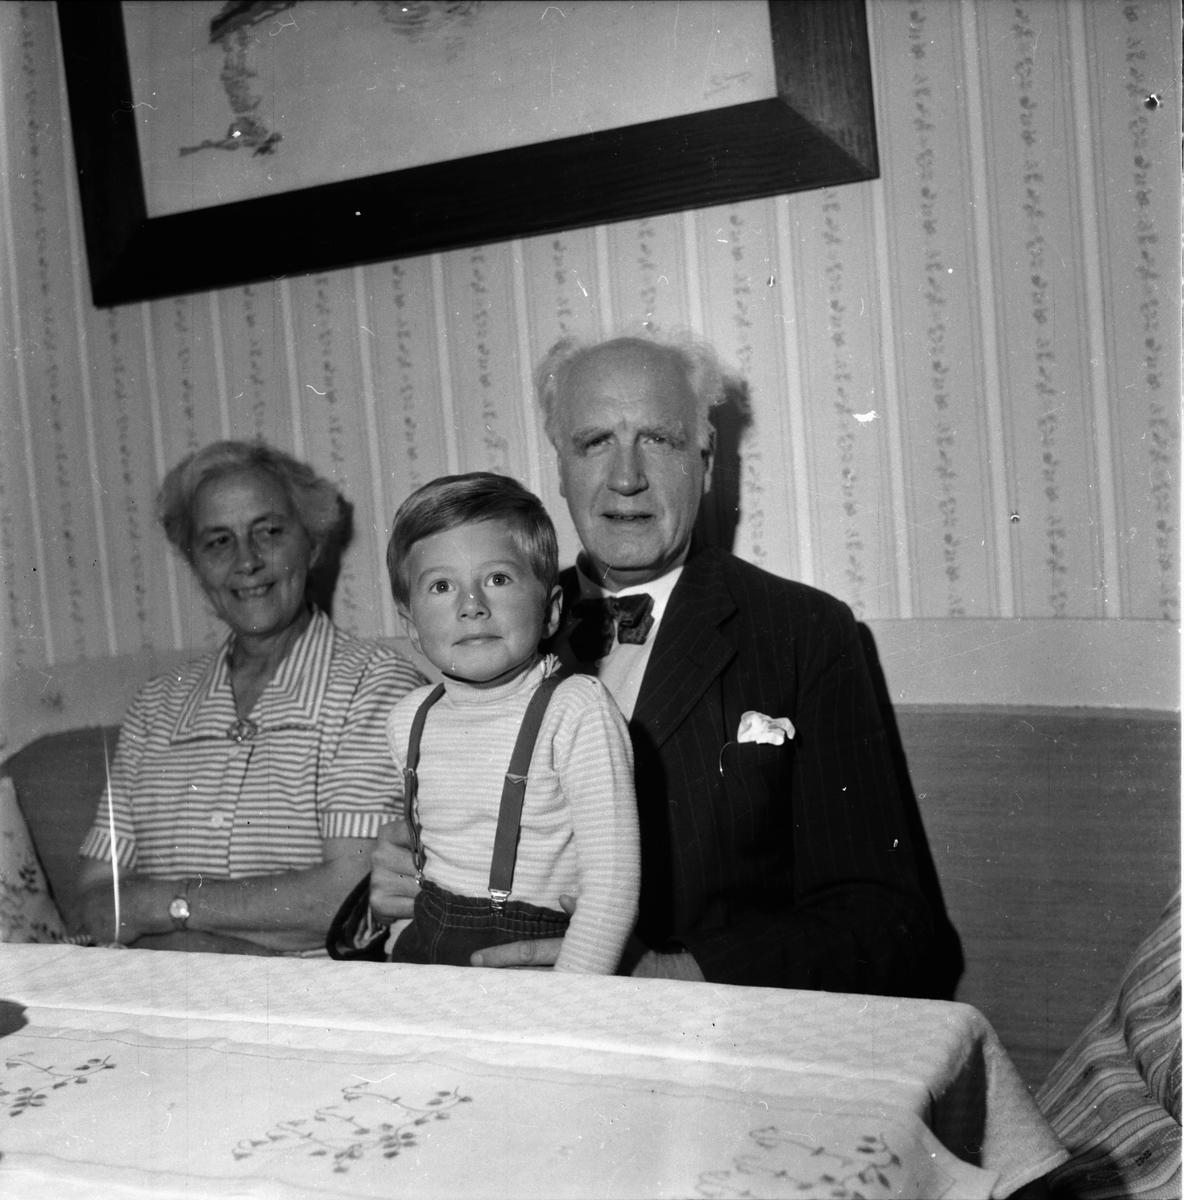 Strömbäck, Dag, Djuphällan, Hedemora 12 aug. 1960